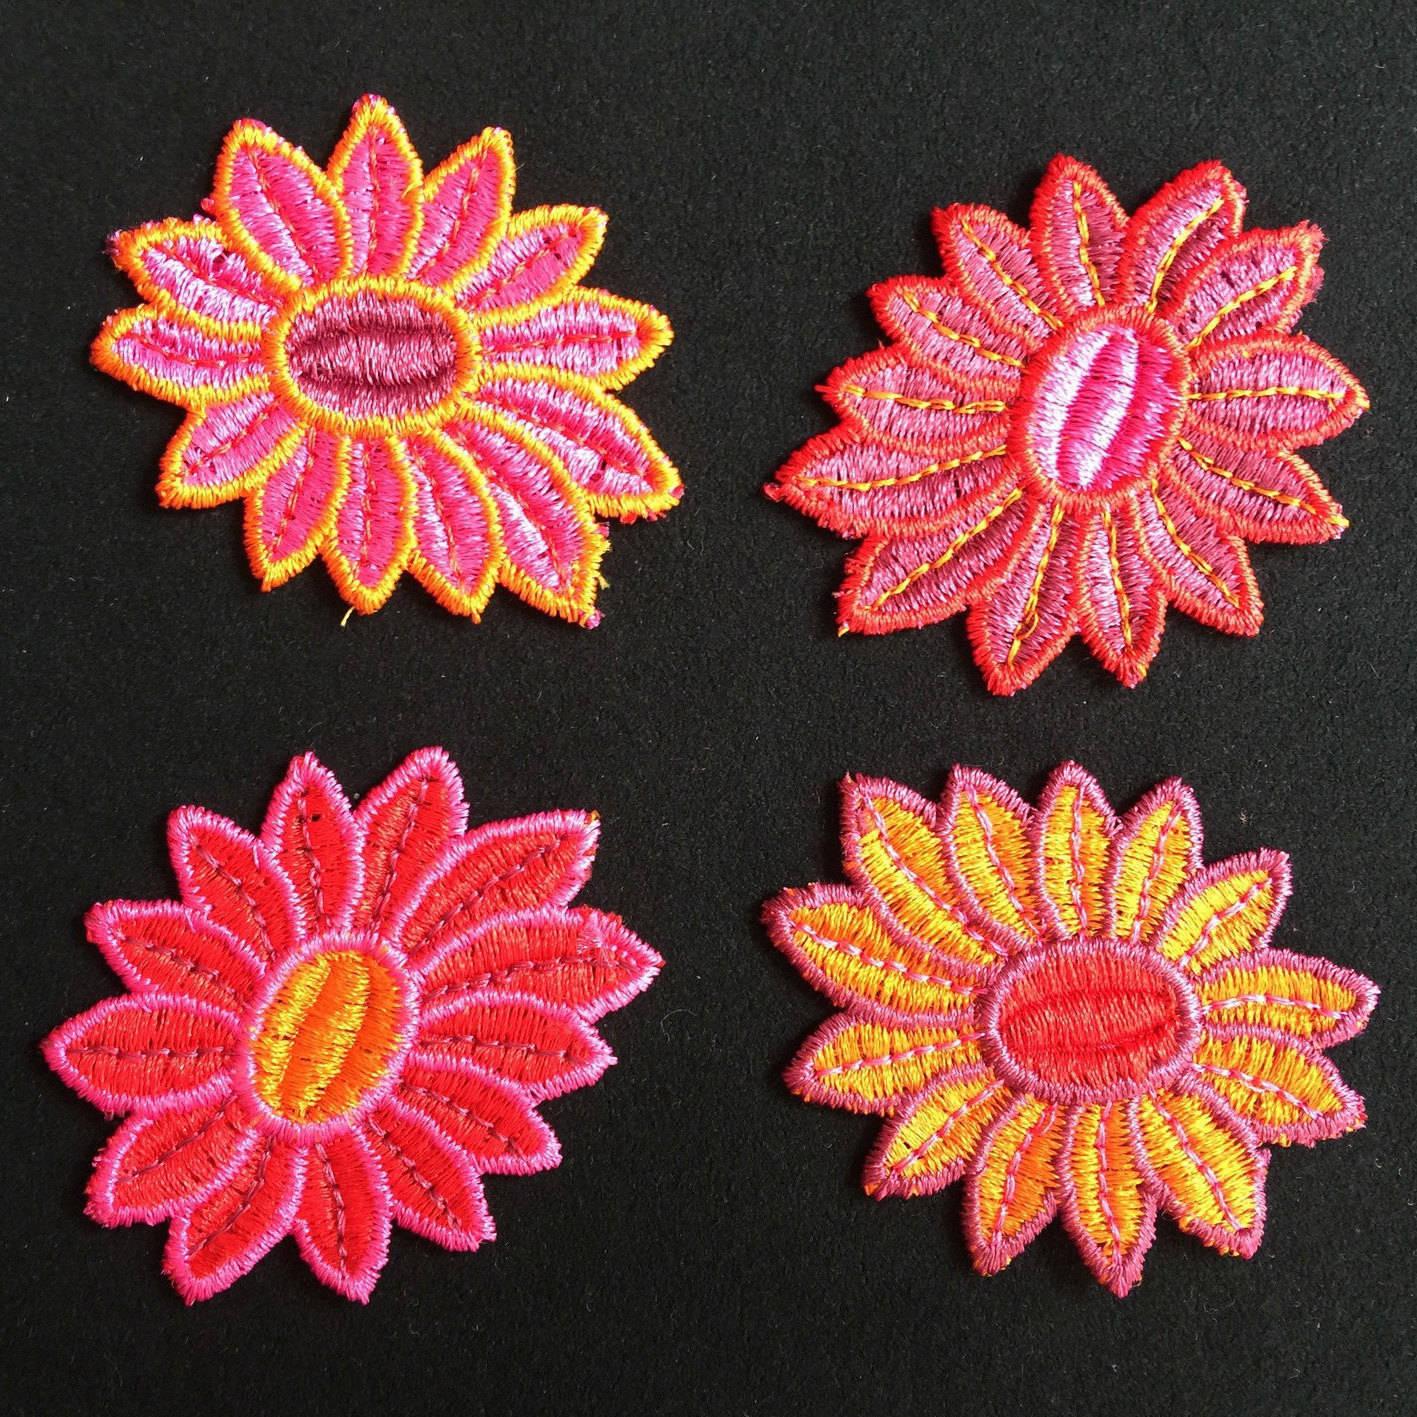 4 Appliqués, appliqué, appliqué fleur, applied flower, Joce150652creaconcep, appliqué rouge, appliqué orange, appliqué rose, appliqué violet